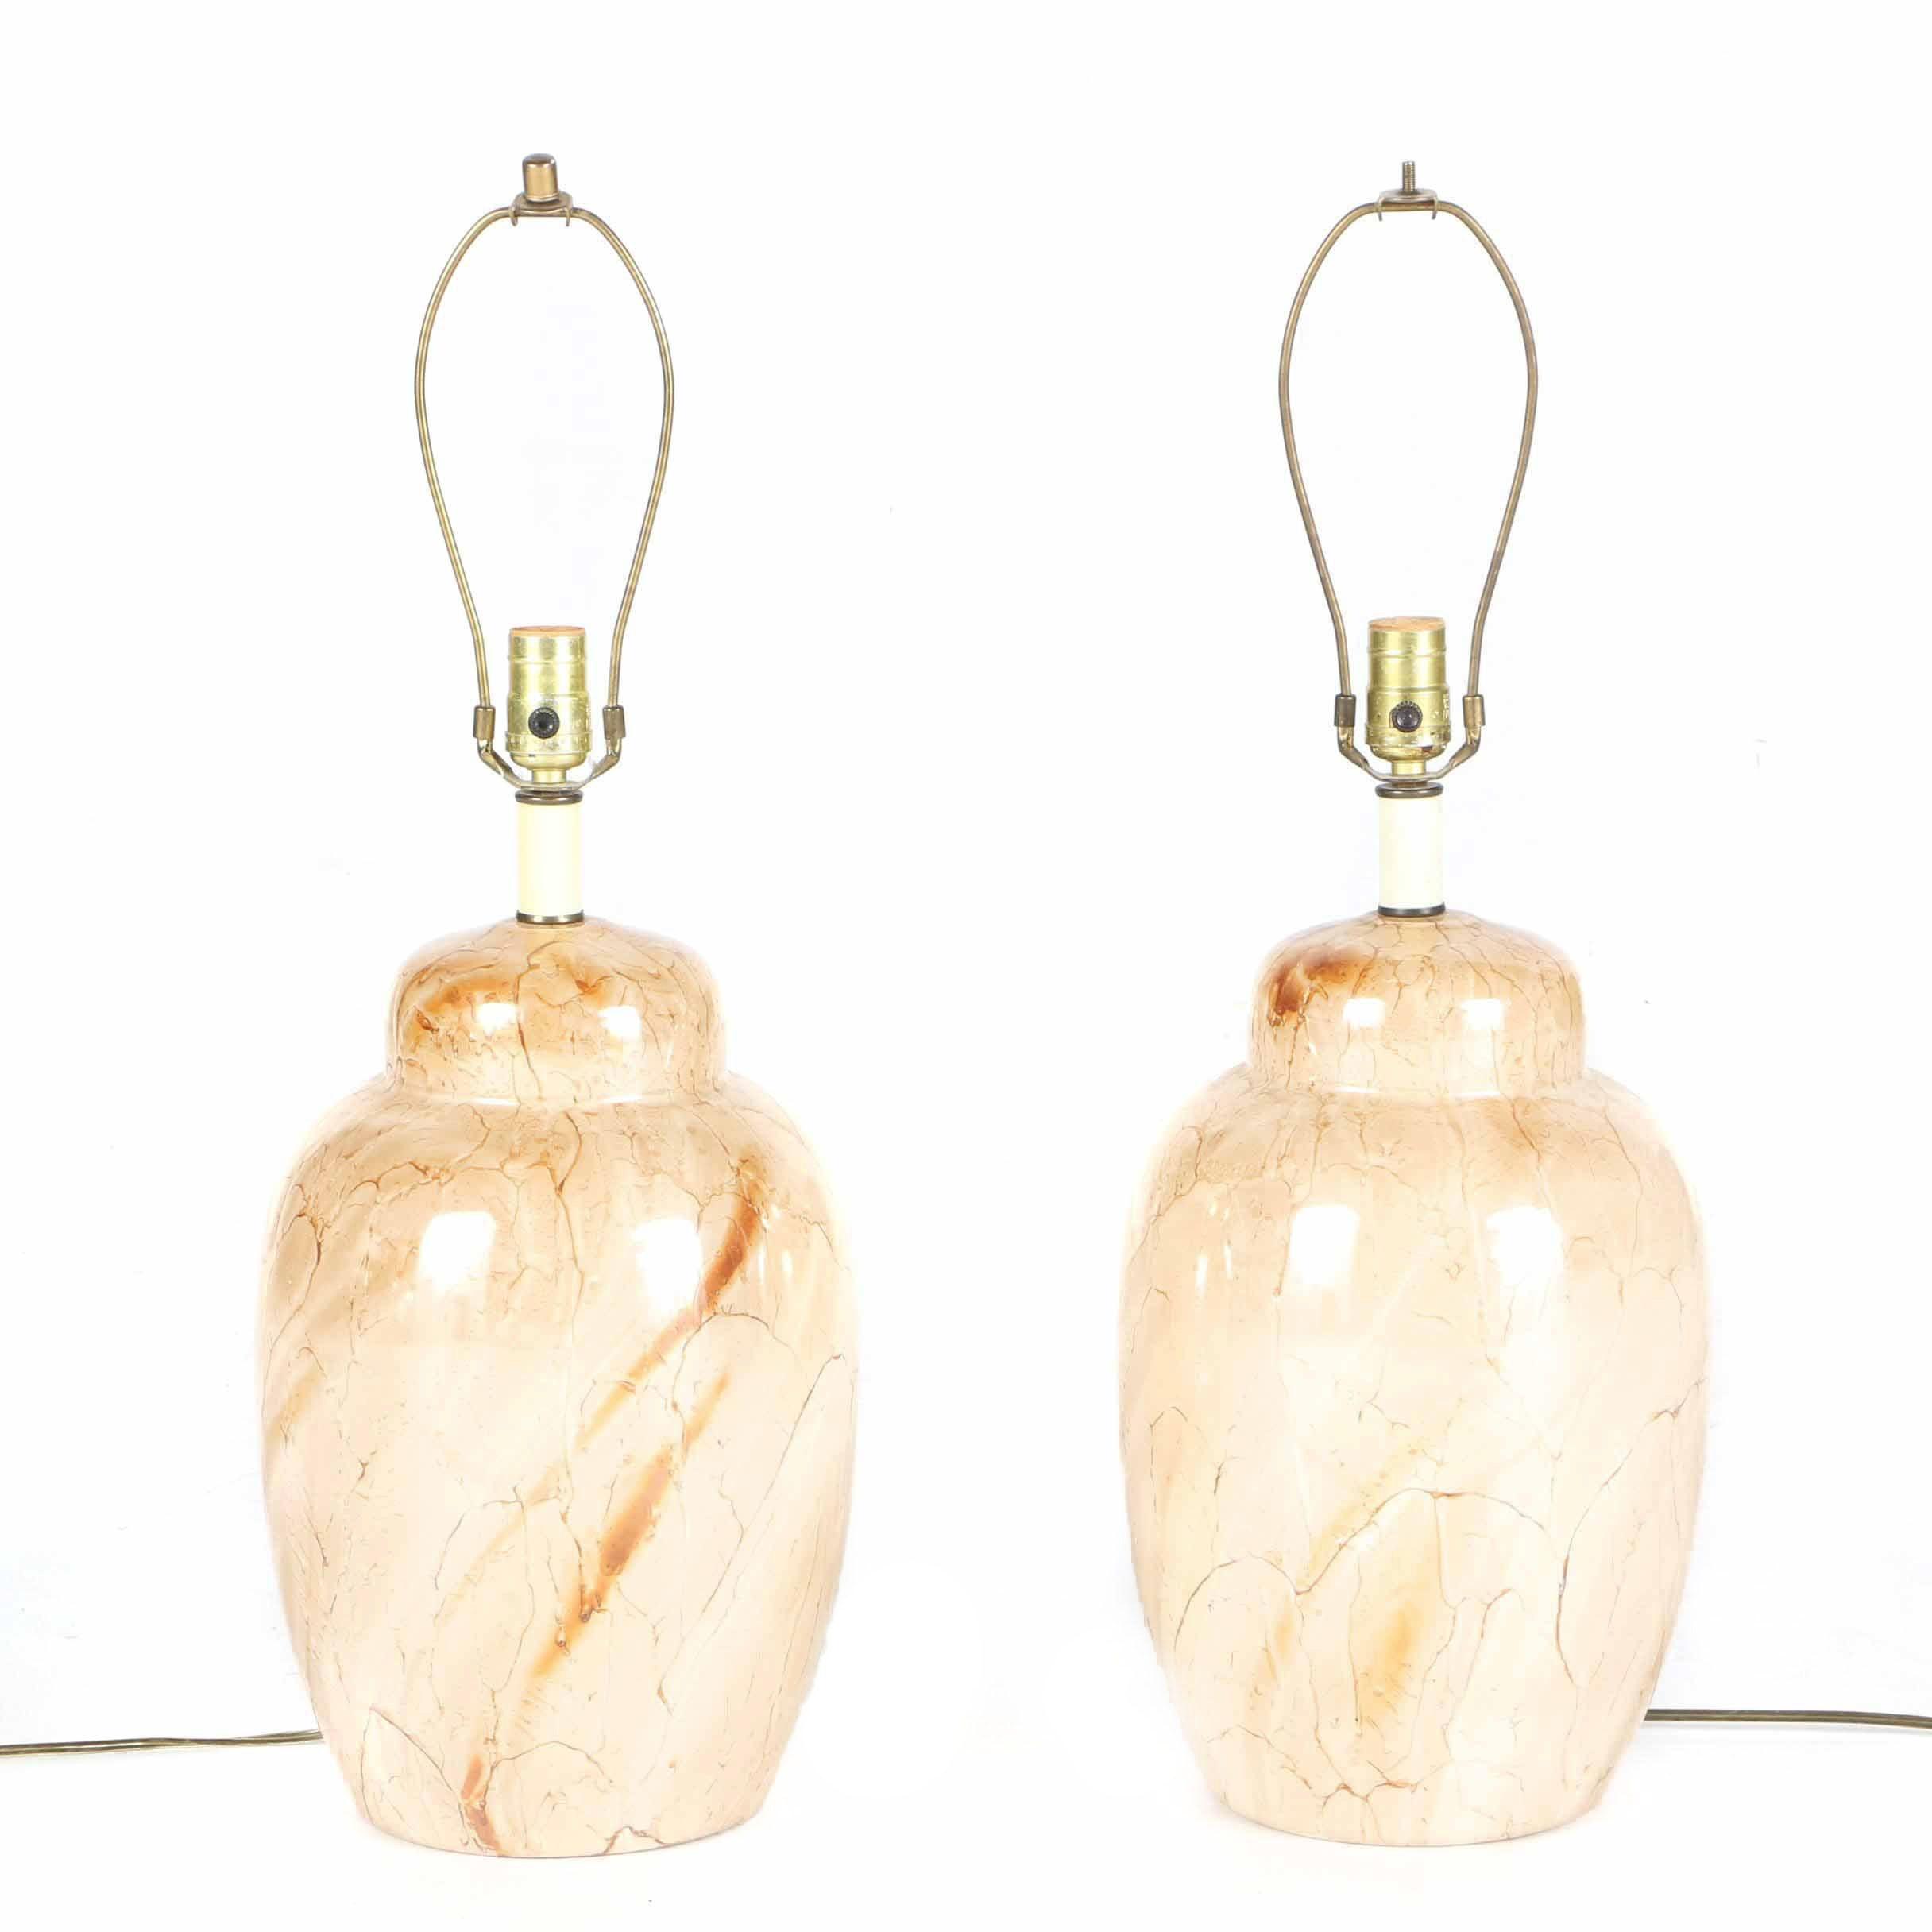 Pair of Matching Cream Ceramic Table Lamps